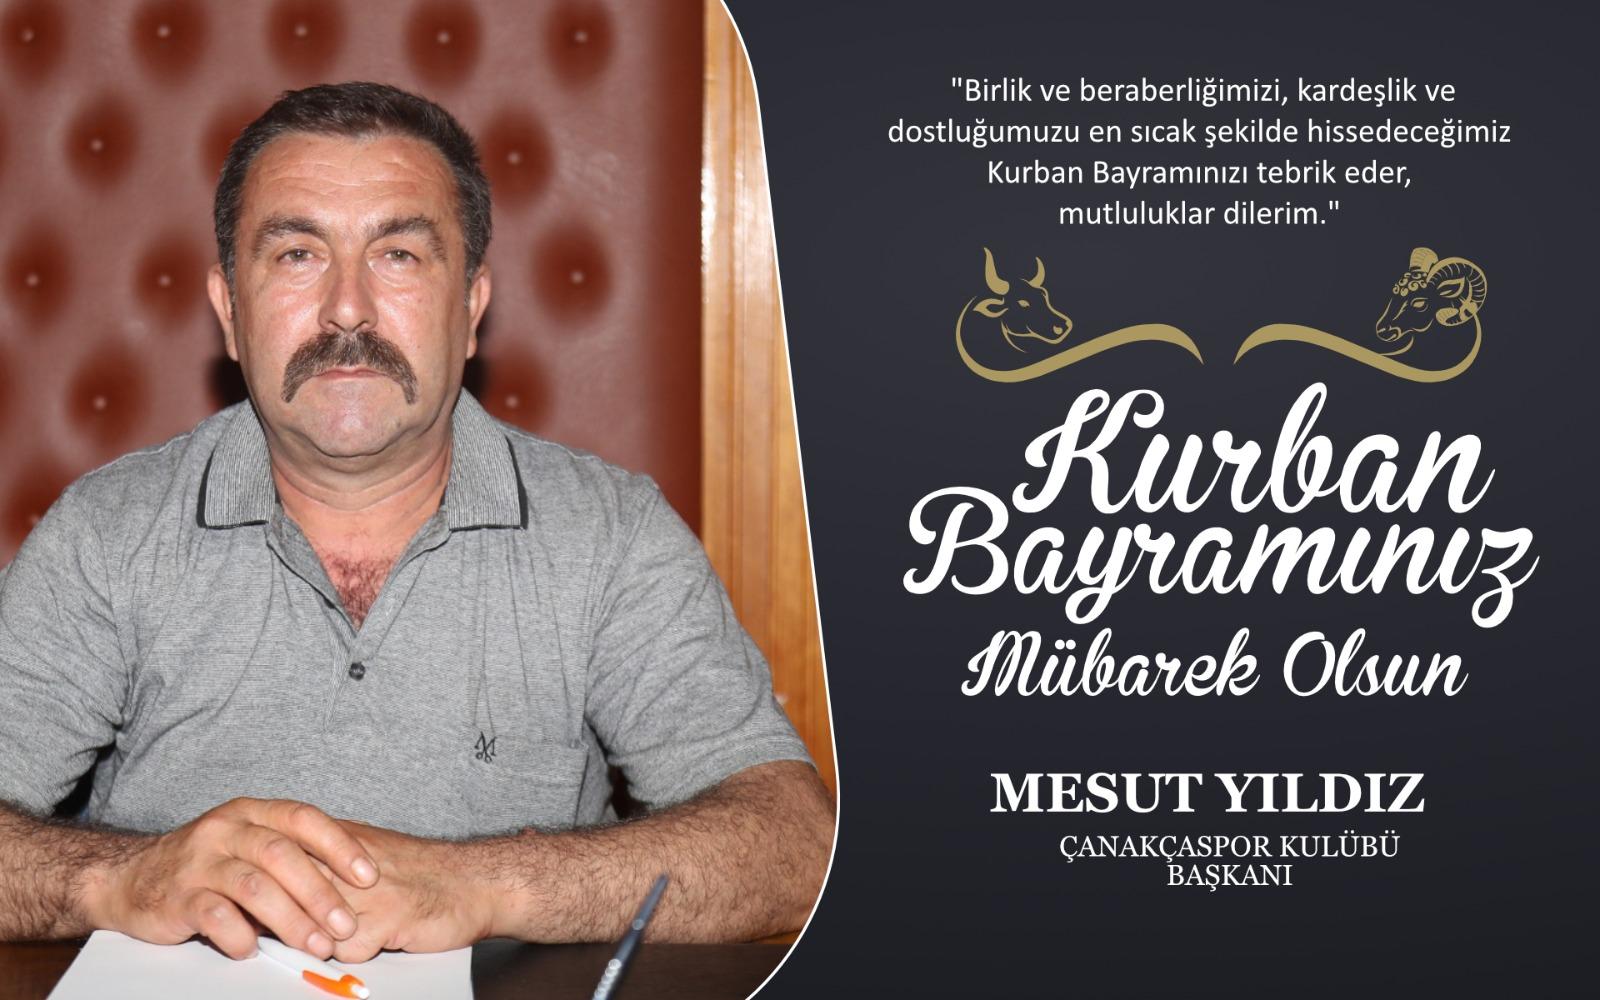 Mesut Yıldız'dan Kurban Bayramı Kutlama Mesajı